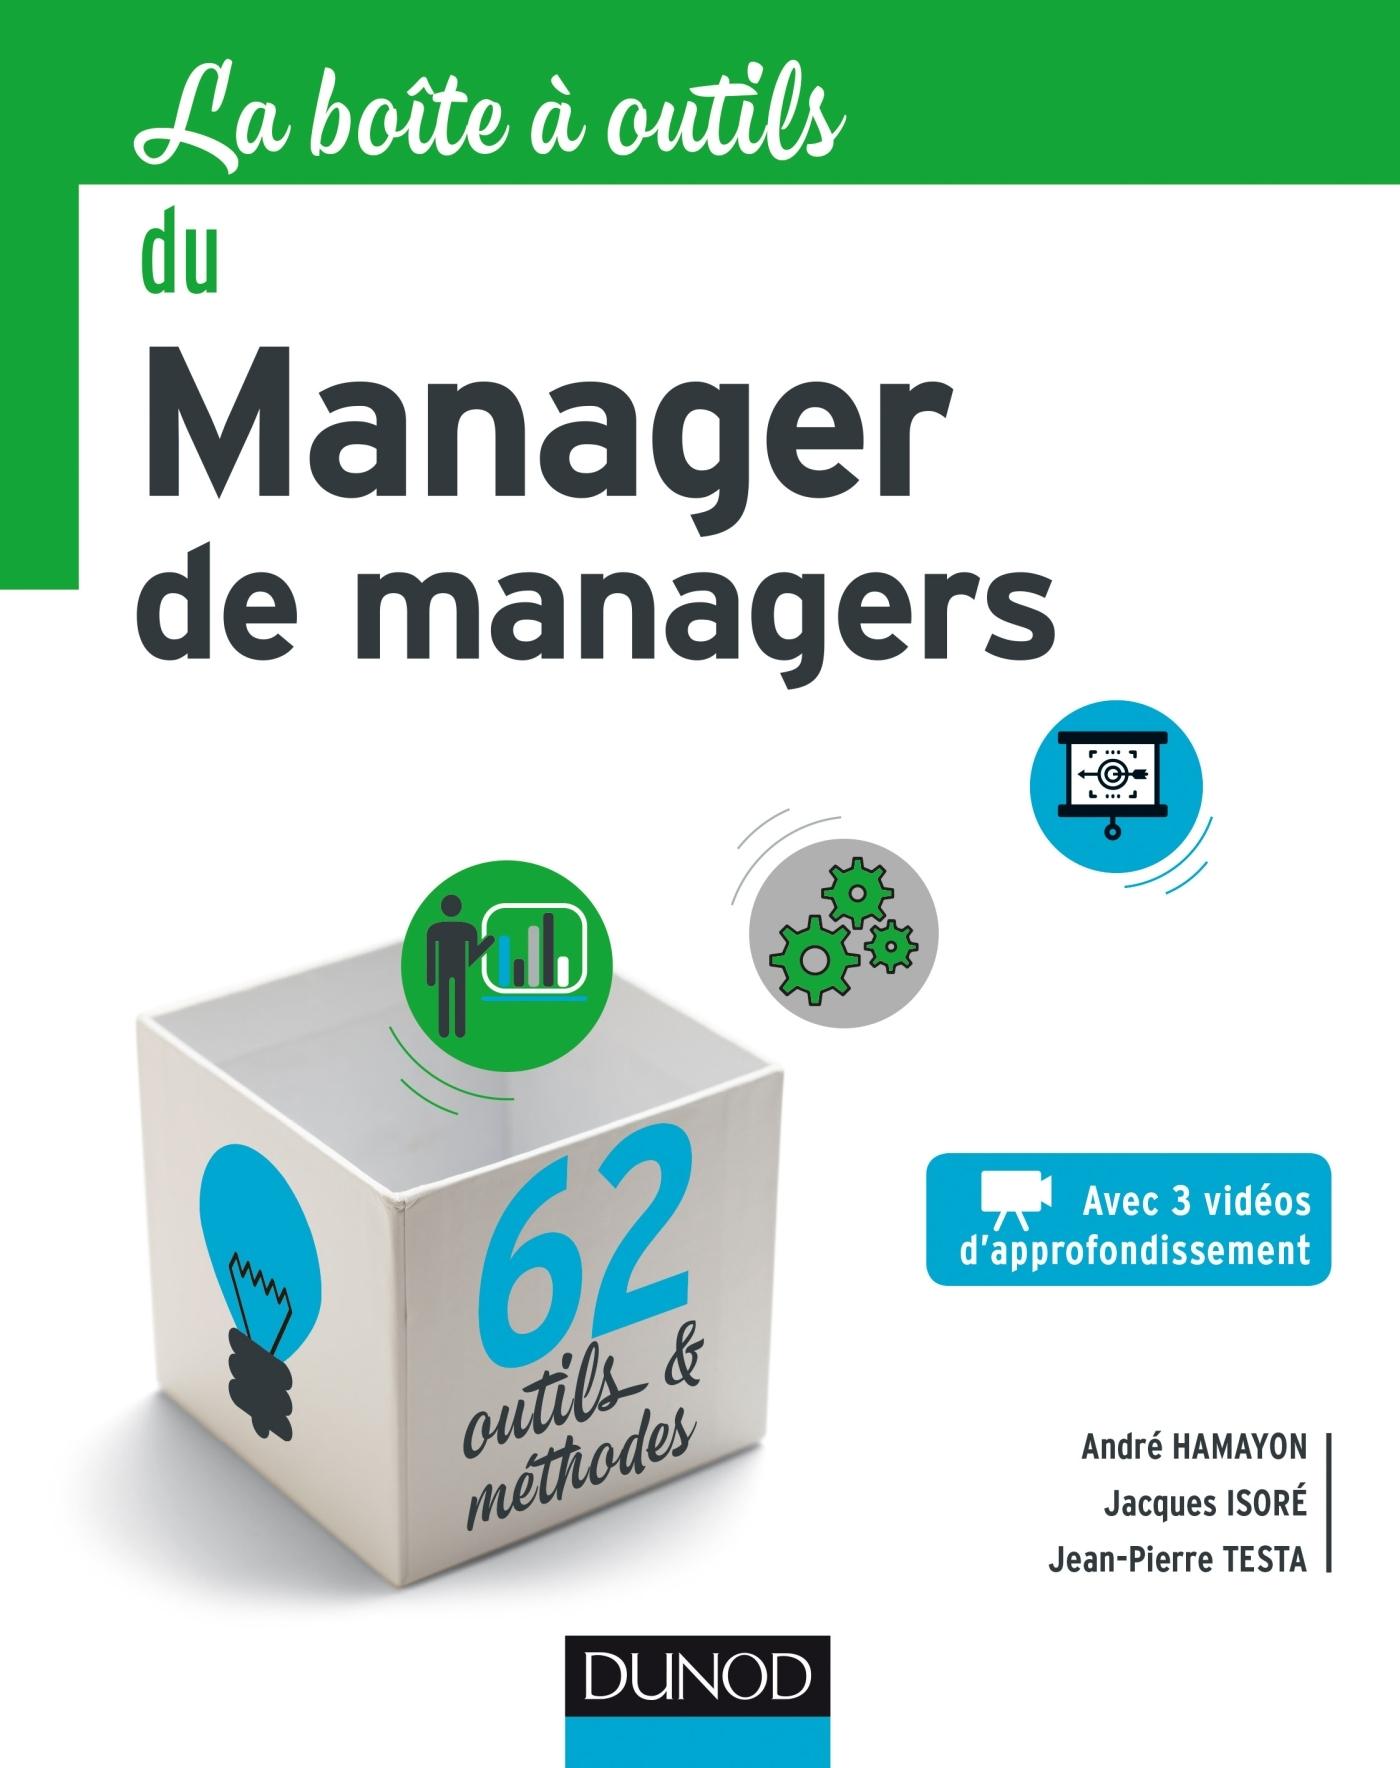 LA BOITE A OUTILS DU MANAGER DE MANAGERS